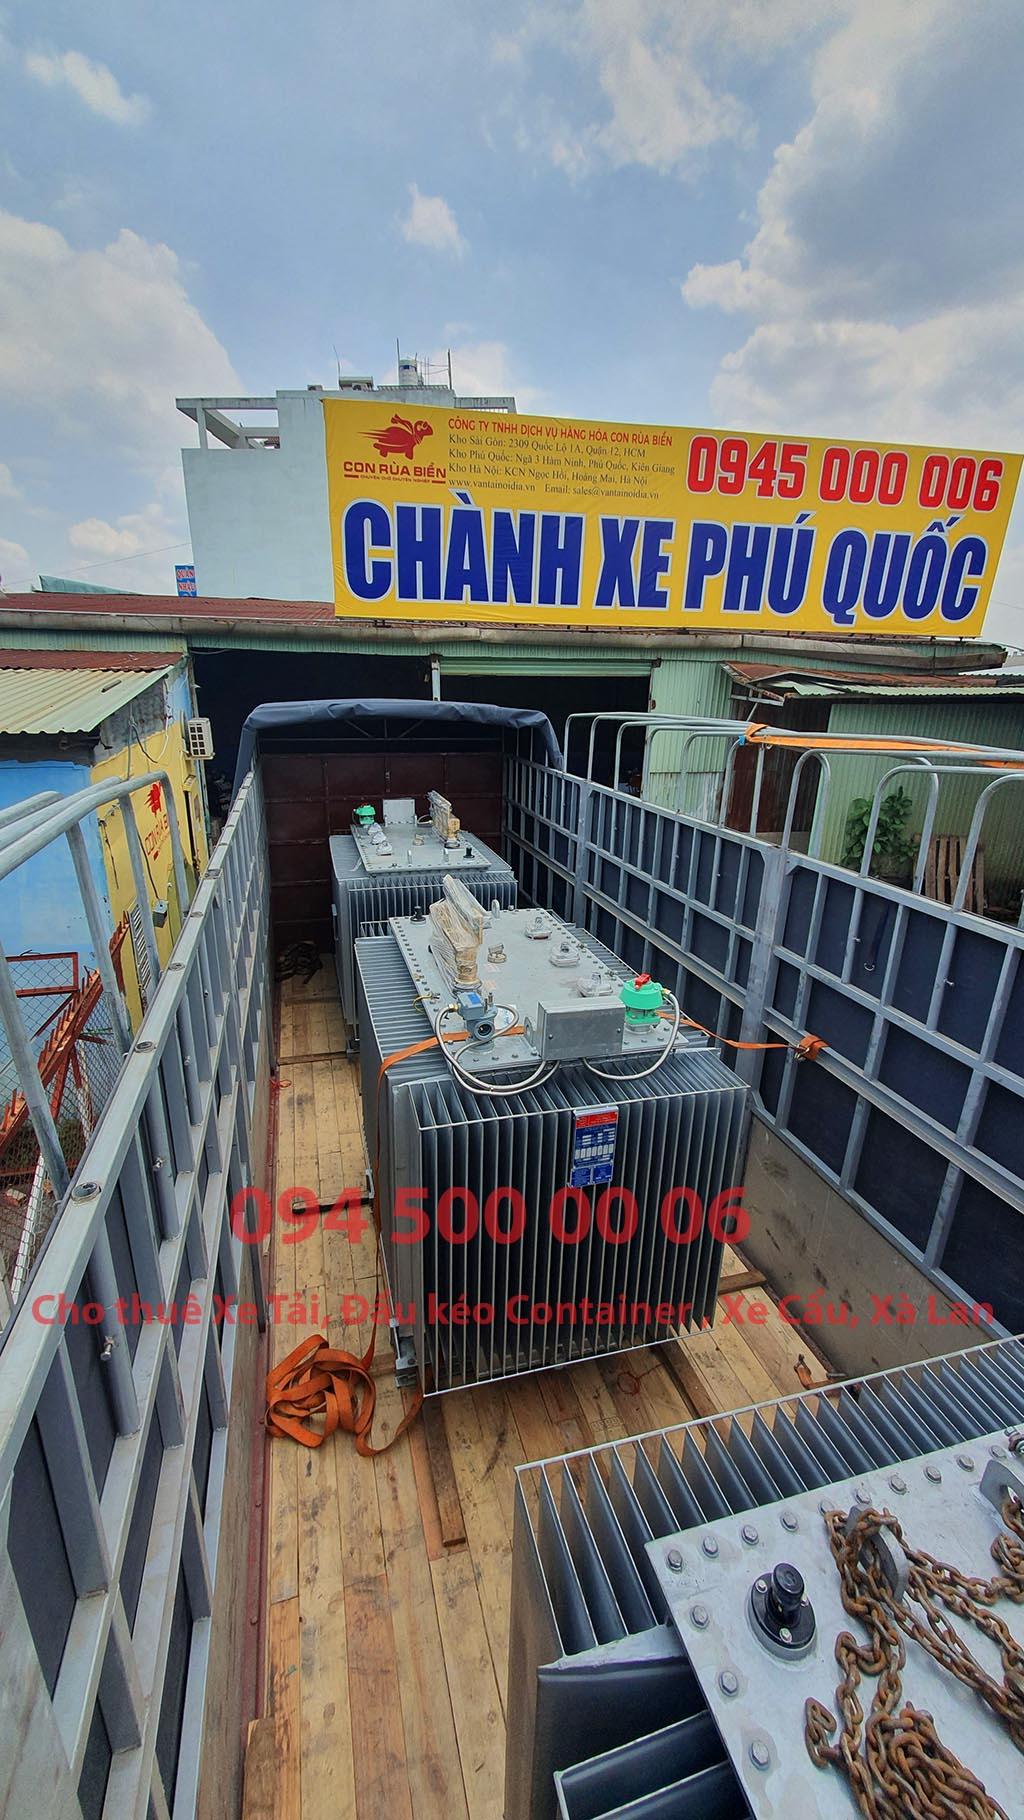 (Ảnh: máy biến áp, máy biến thế đã được Chành xe Phú Quốc công ty CON RÙA BIỂN nhận để ghép xe tải tại Bãi xe HCM để vận chuyển cùng các loại hàng hóa nhỏ lẻ đi ghép ra đảo Phú Quốc)